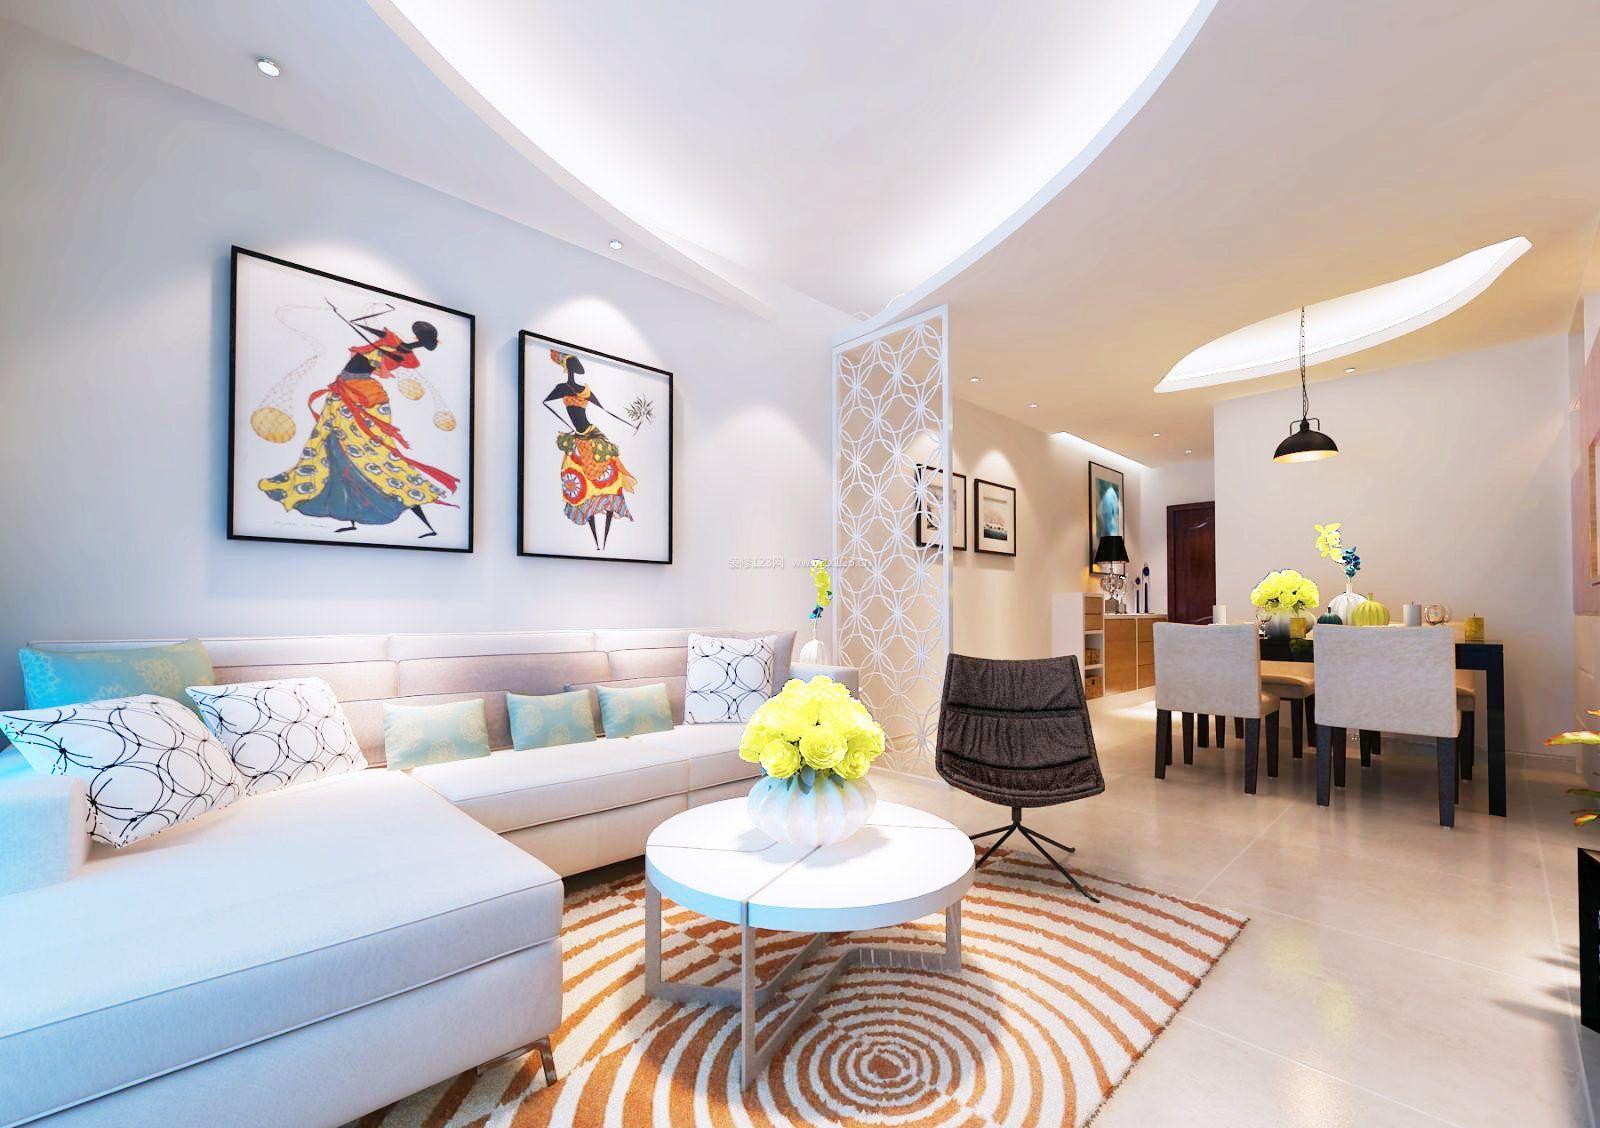 家装效果图 客厅 90平方米房屋客厅装修效果图大全 提供者